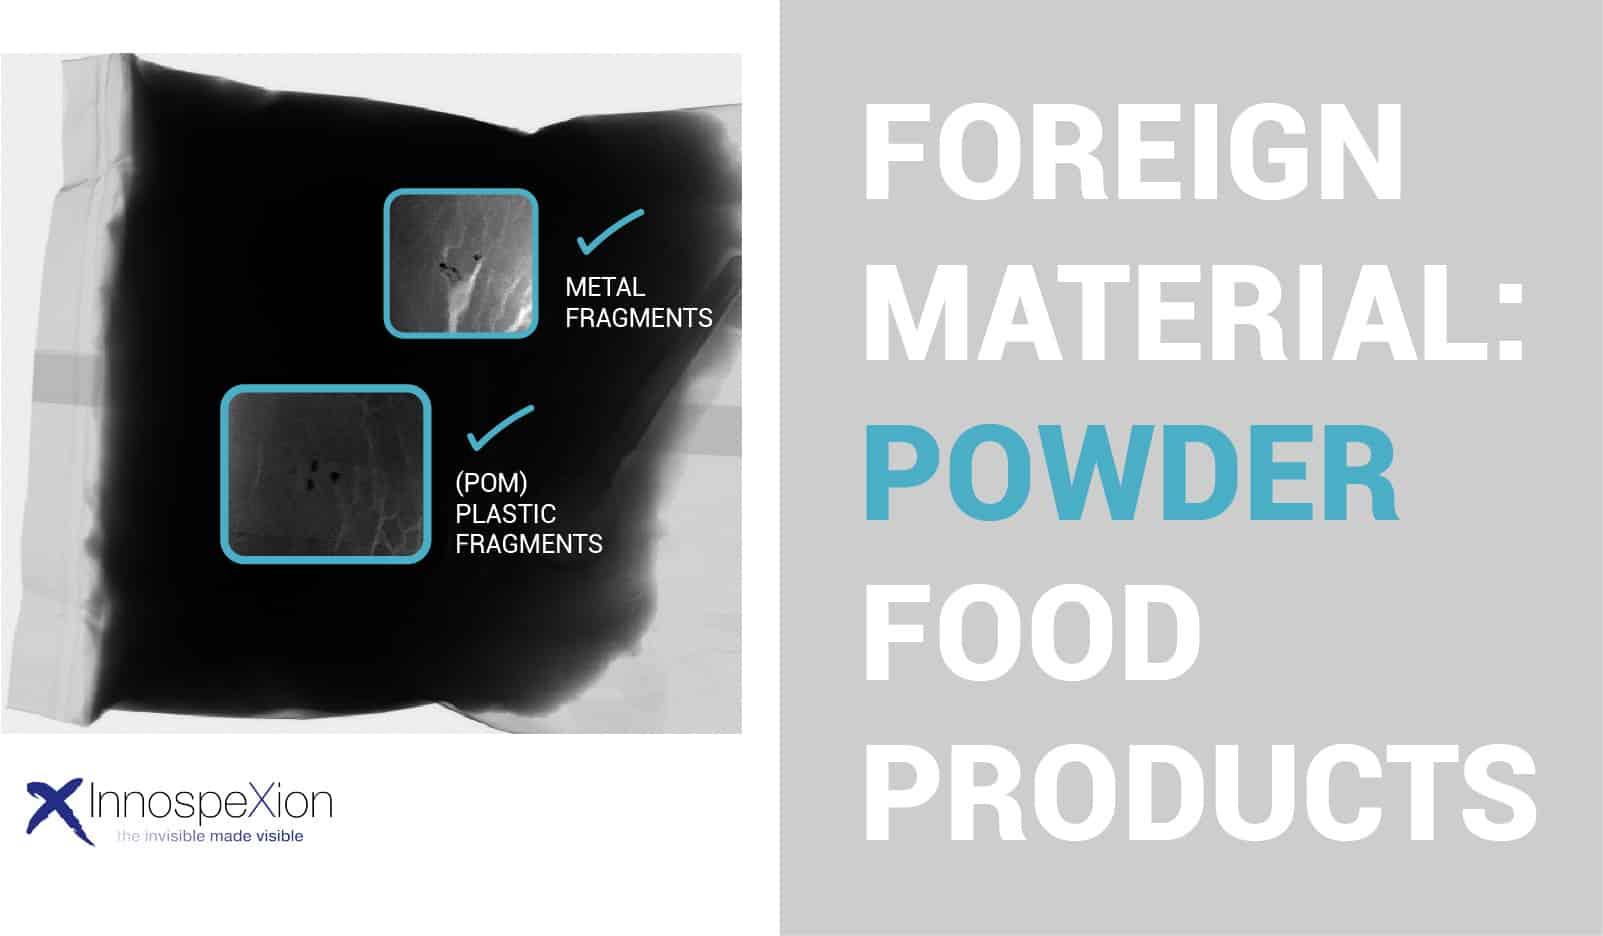 powder food contamination